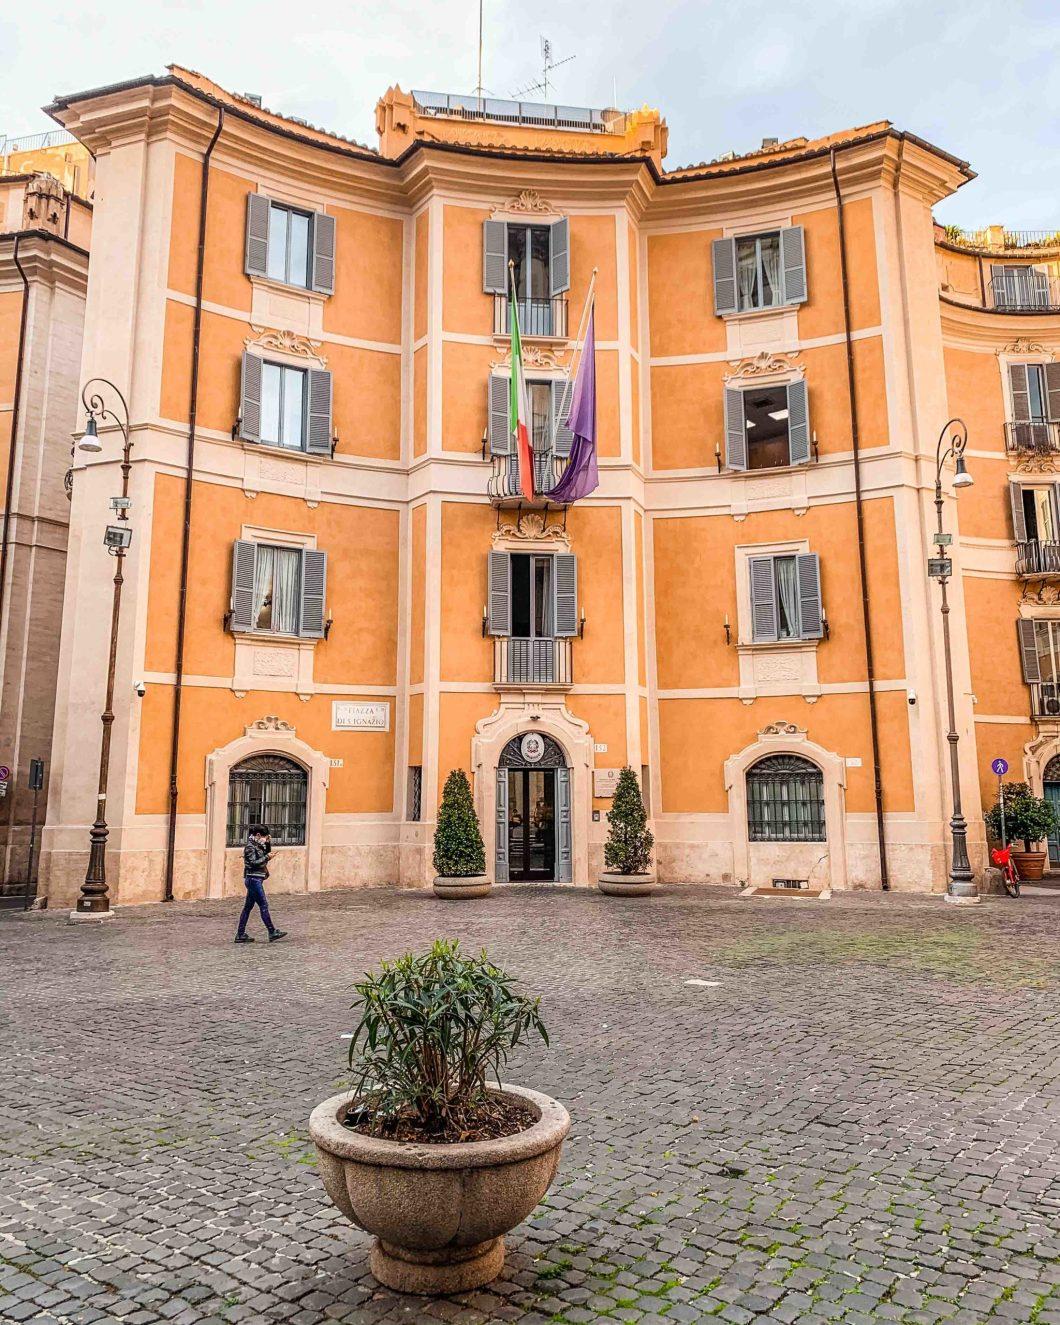 Piazza di Sant'Ignazio in Rome